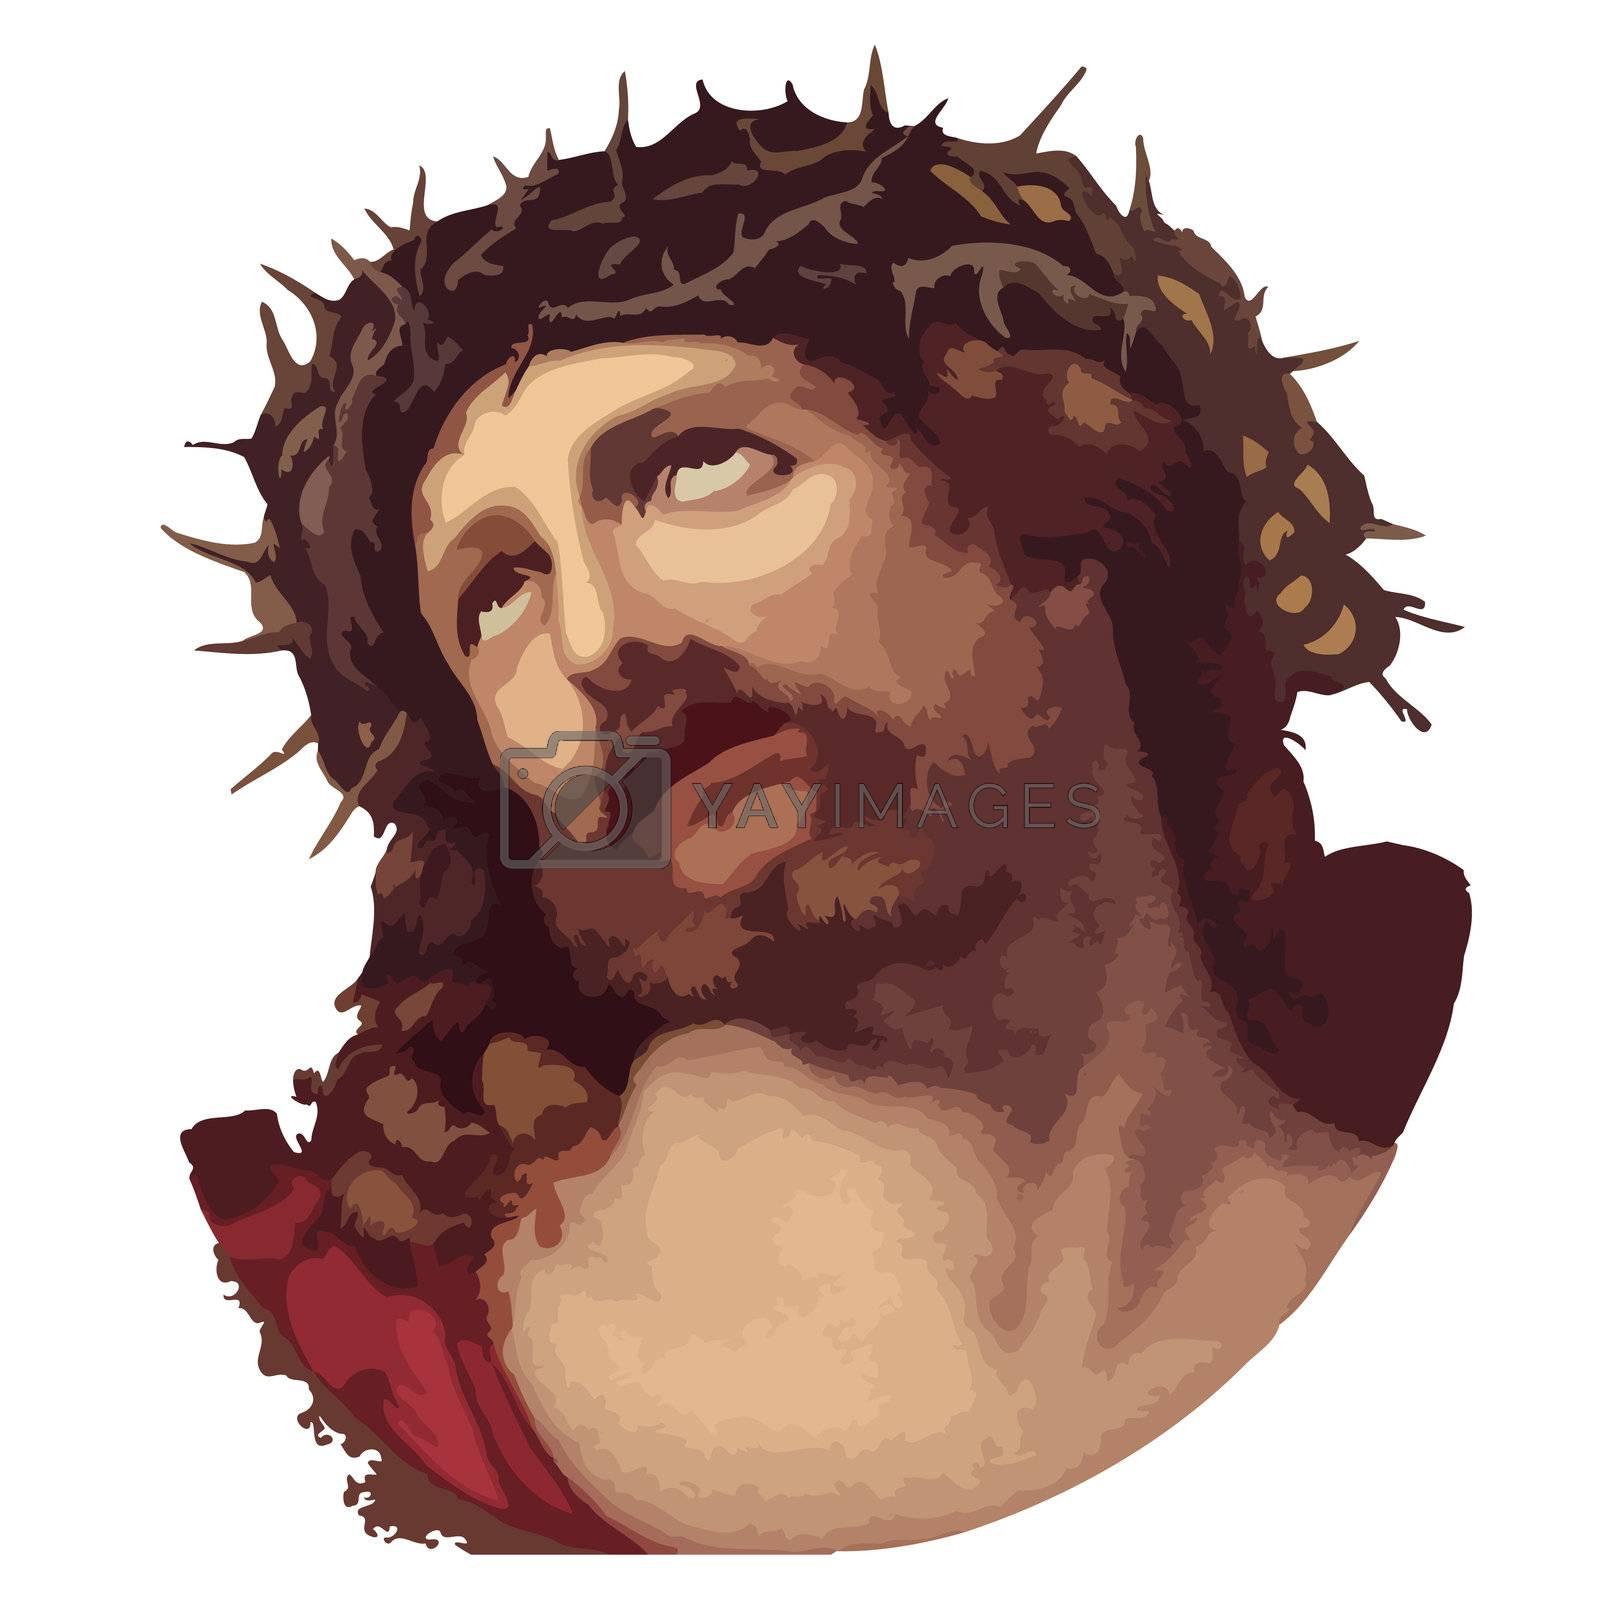 Illustration: vector of Jesus Christ against white background